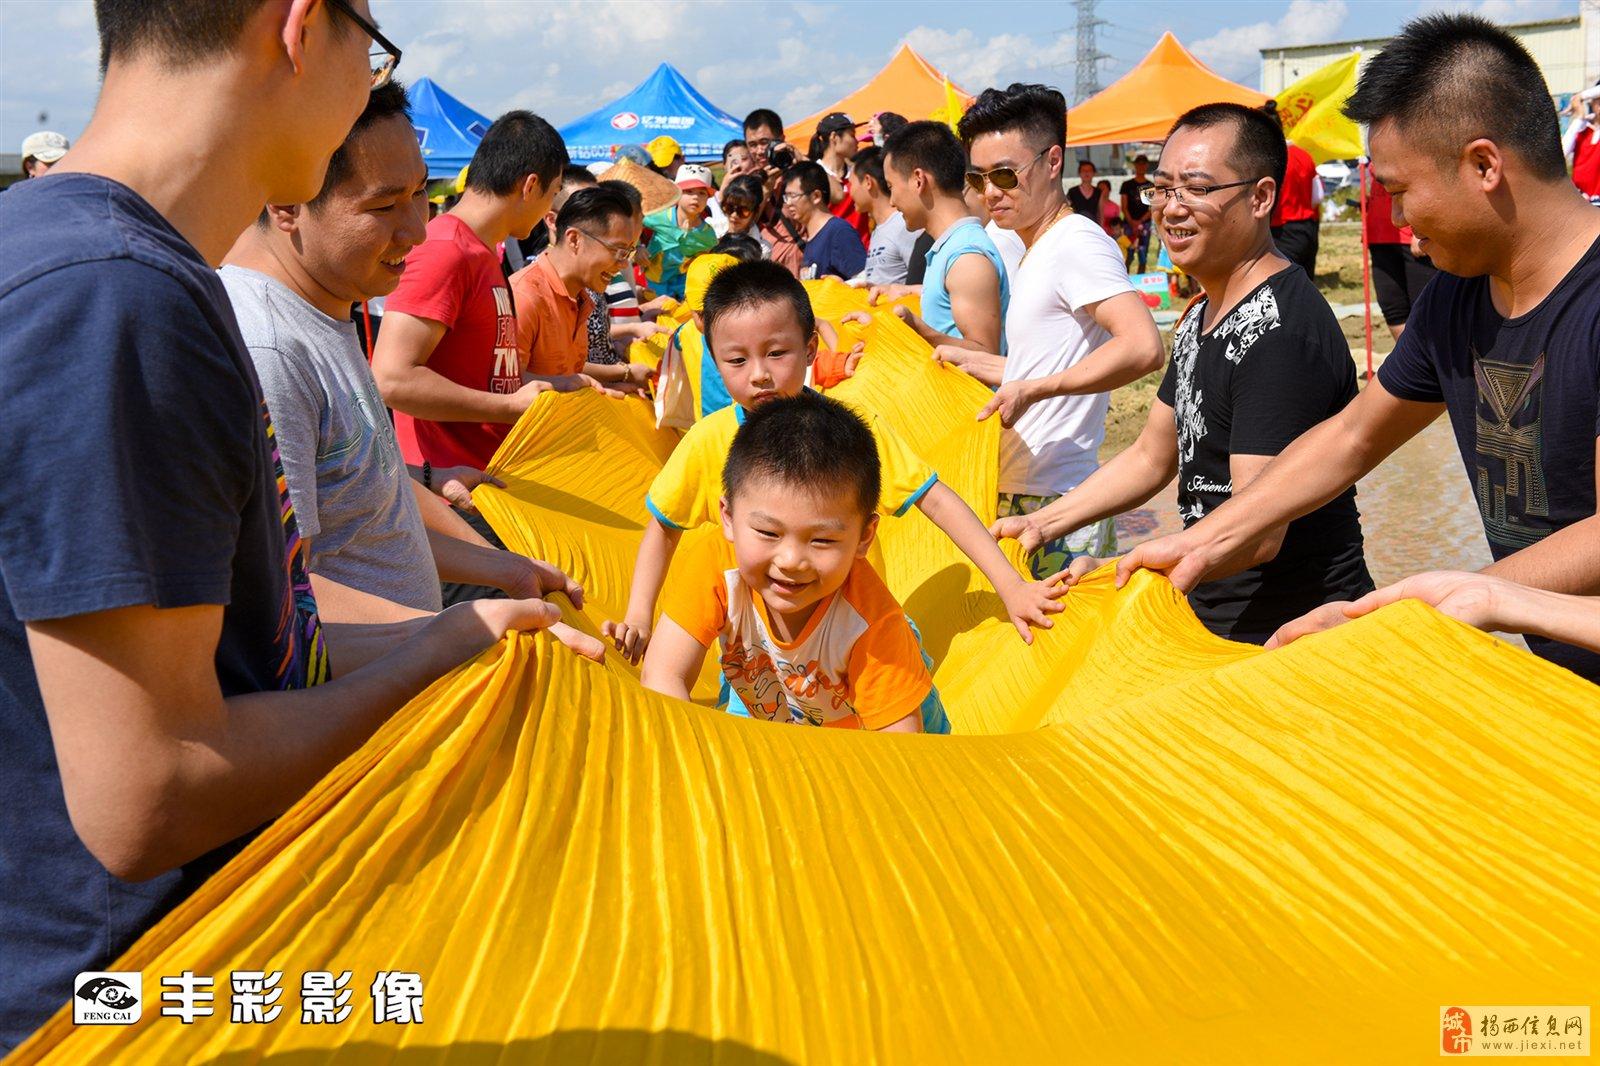 综合:揭阳日报,揭西县河婆街道阳光幼儿园